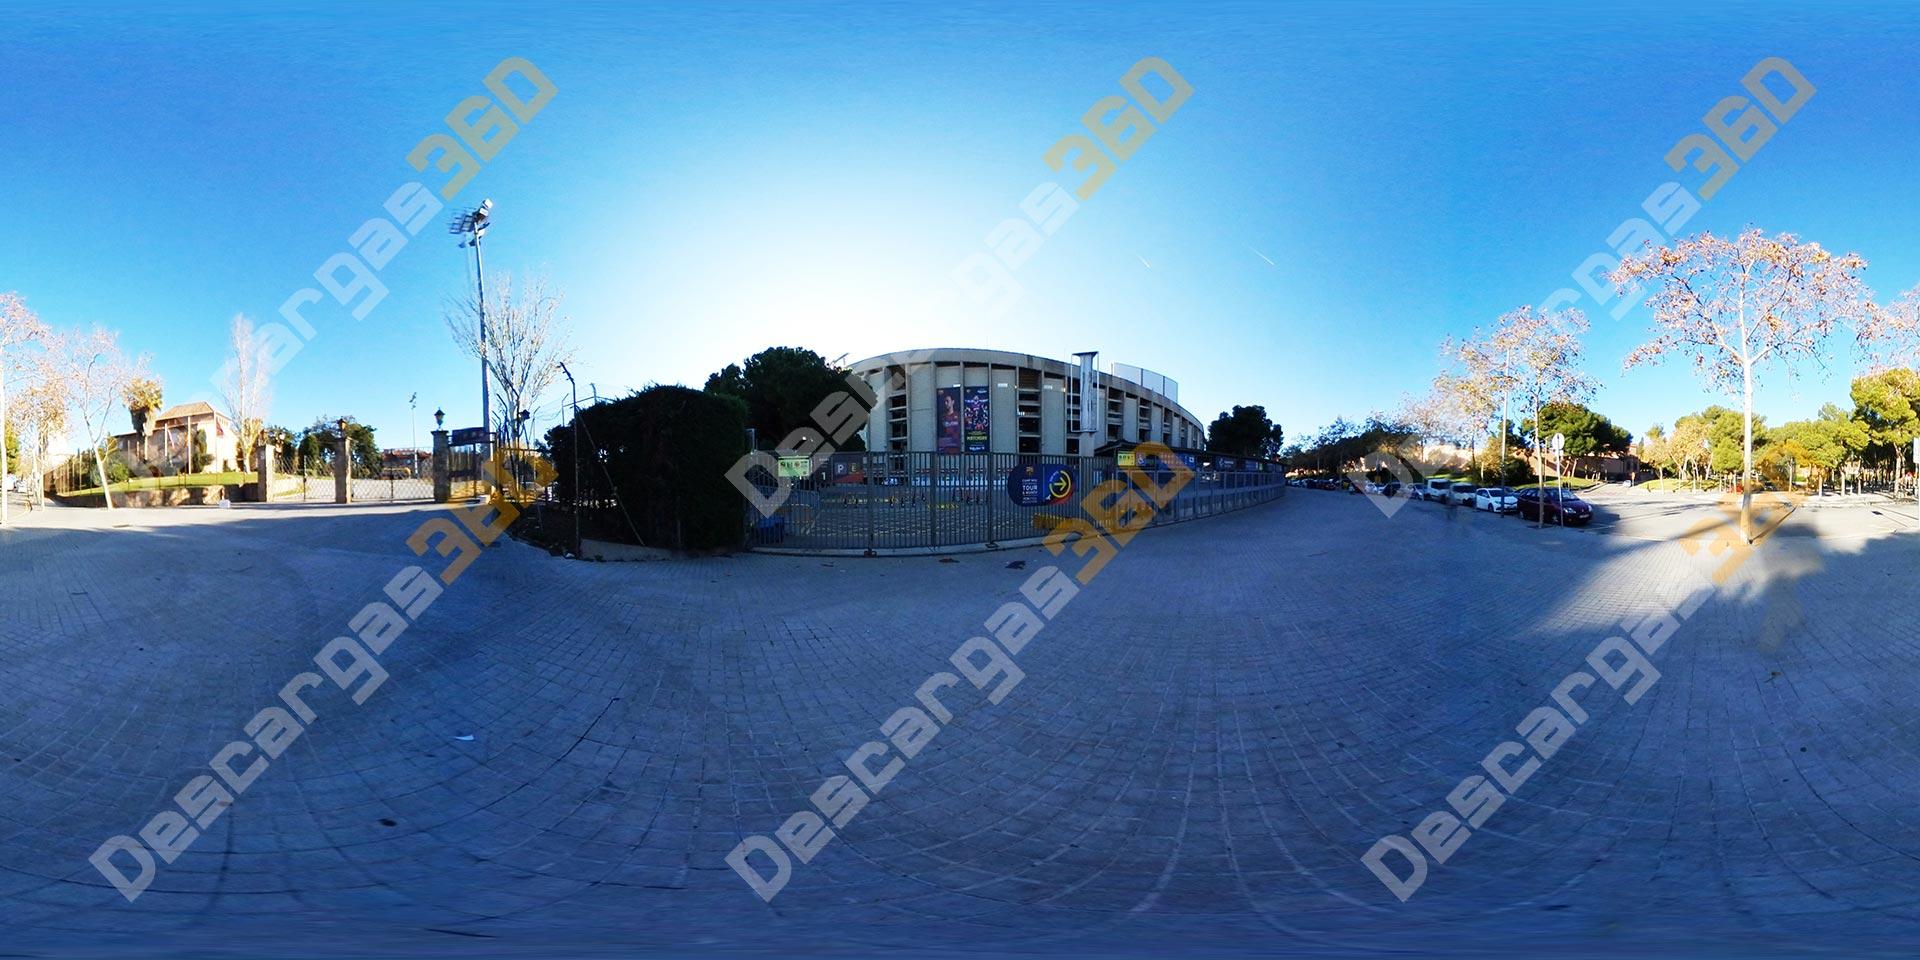 Camp-Nou-y-La-Masia-360-Barcelona---Descargas360_preview